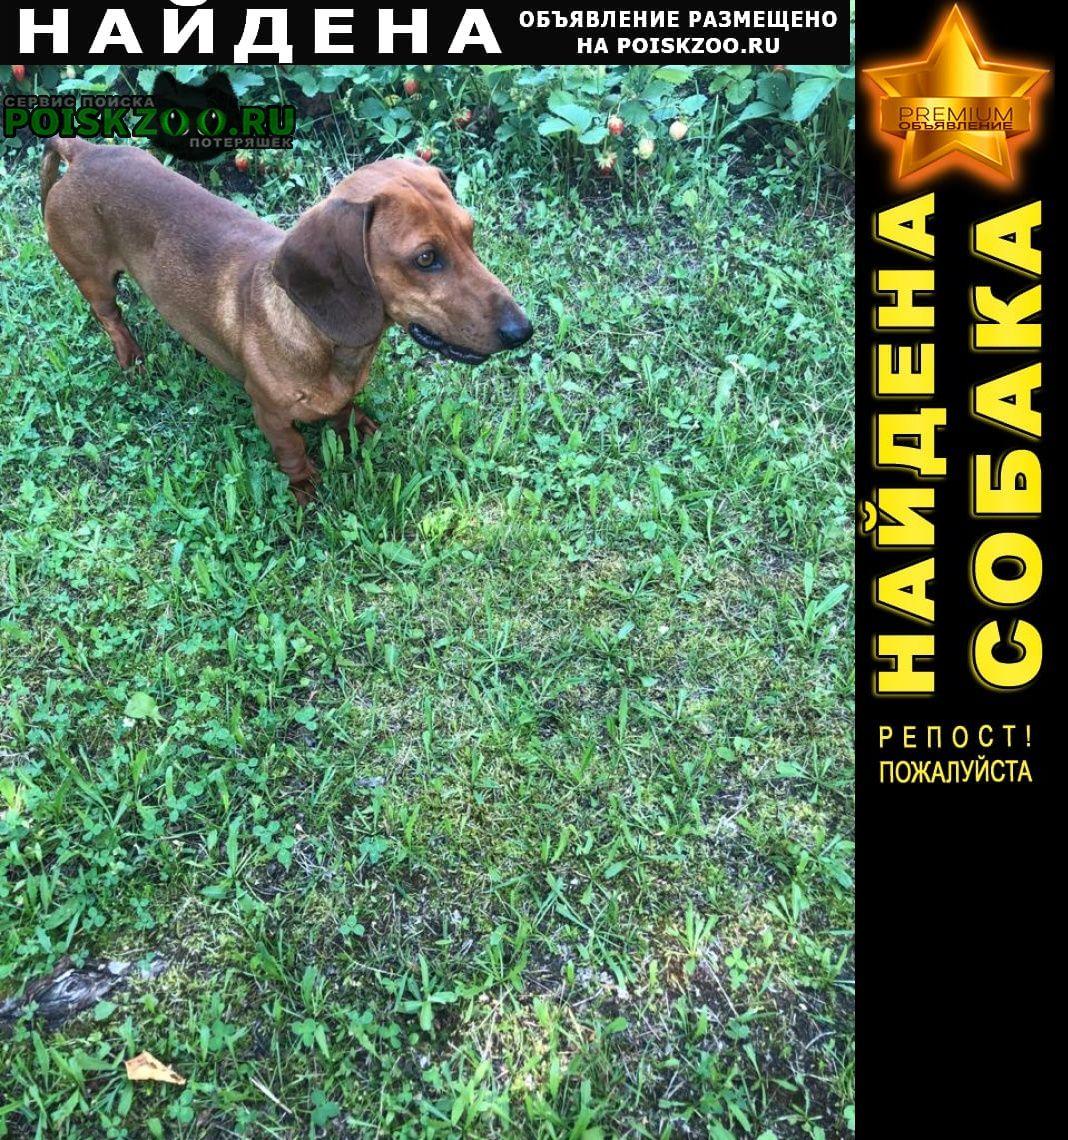 Найдена собака кобель нашли в районе долгуша Шатура